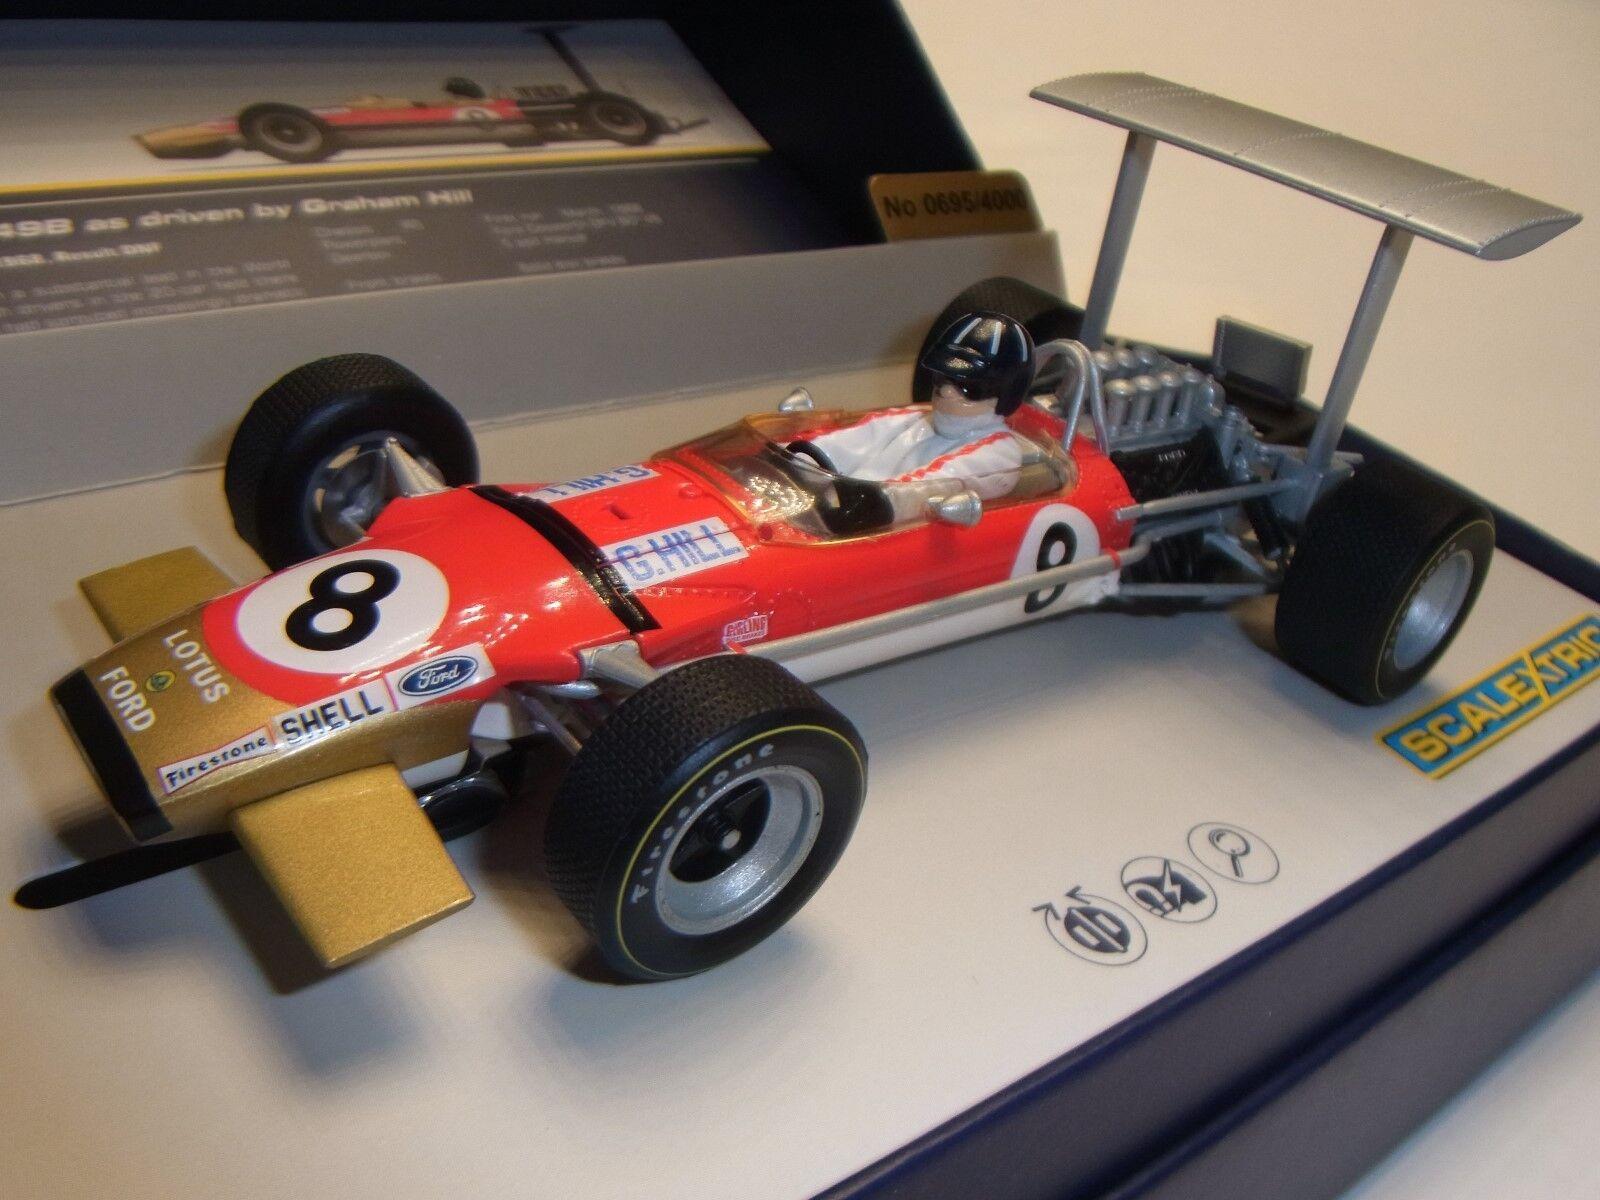 bellissima Scalextric Loto Squadra 49B 1968   8 (G) (G) (G) . Hill C3543A per Pista Auto 1 3 2  100% autentico